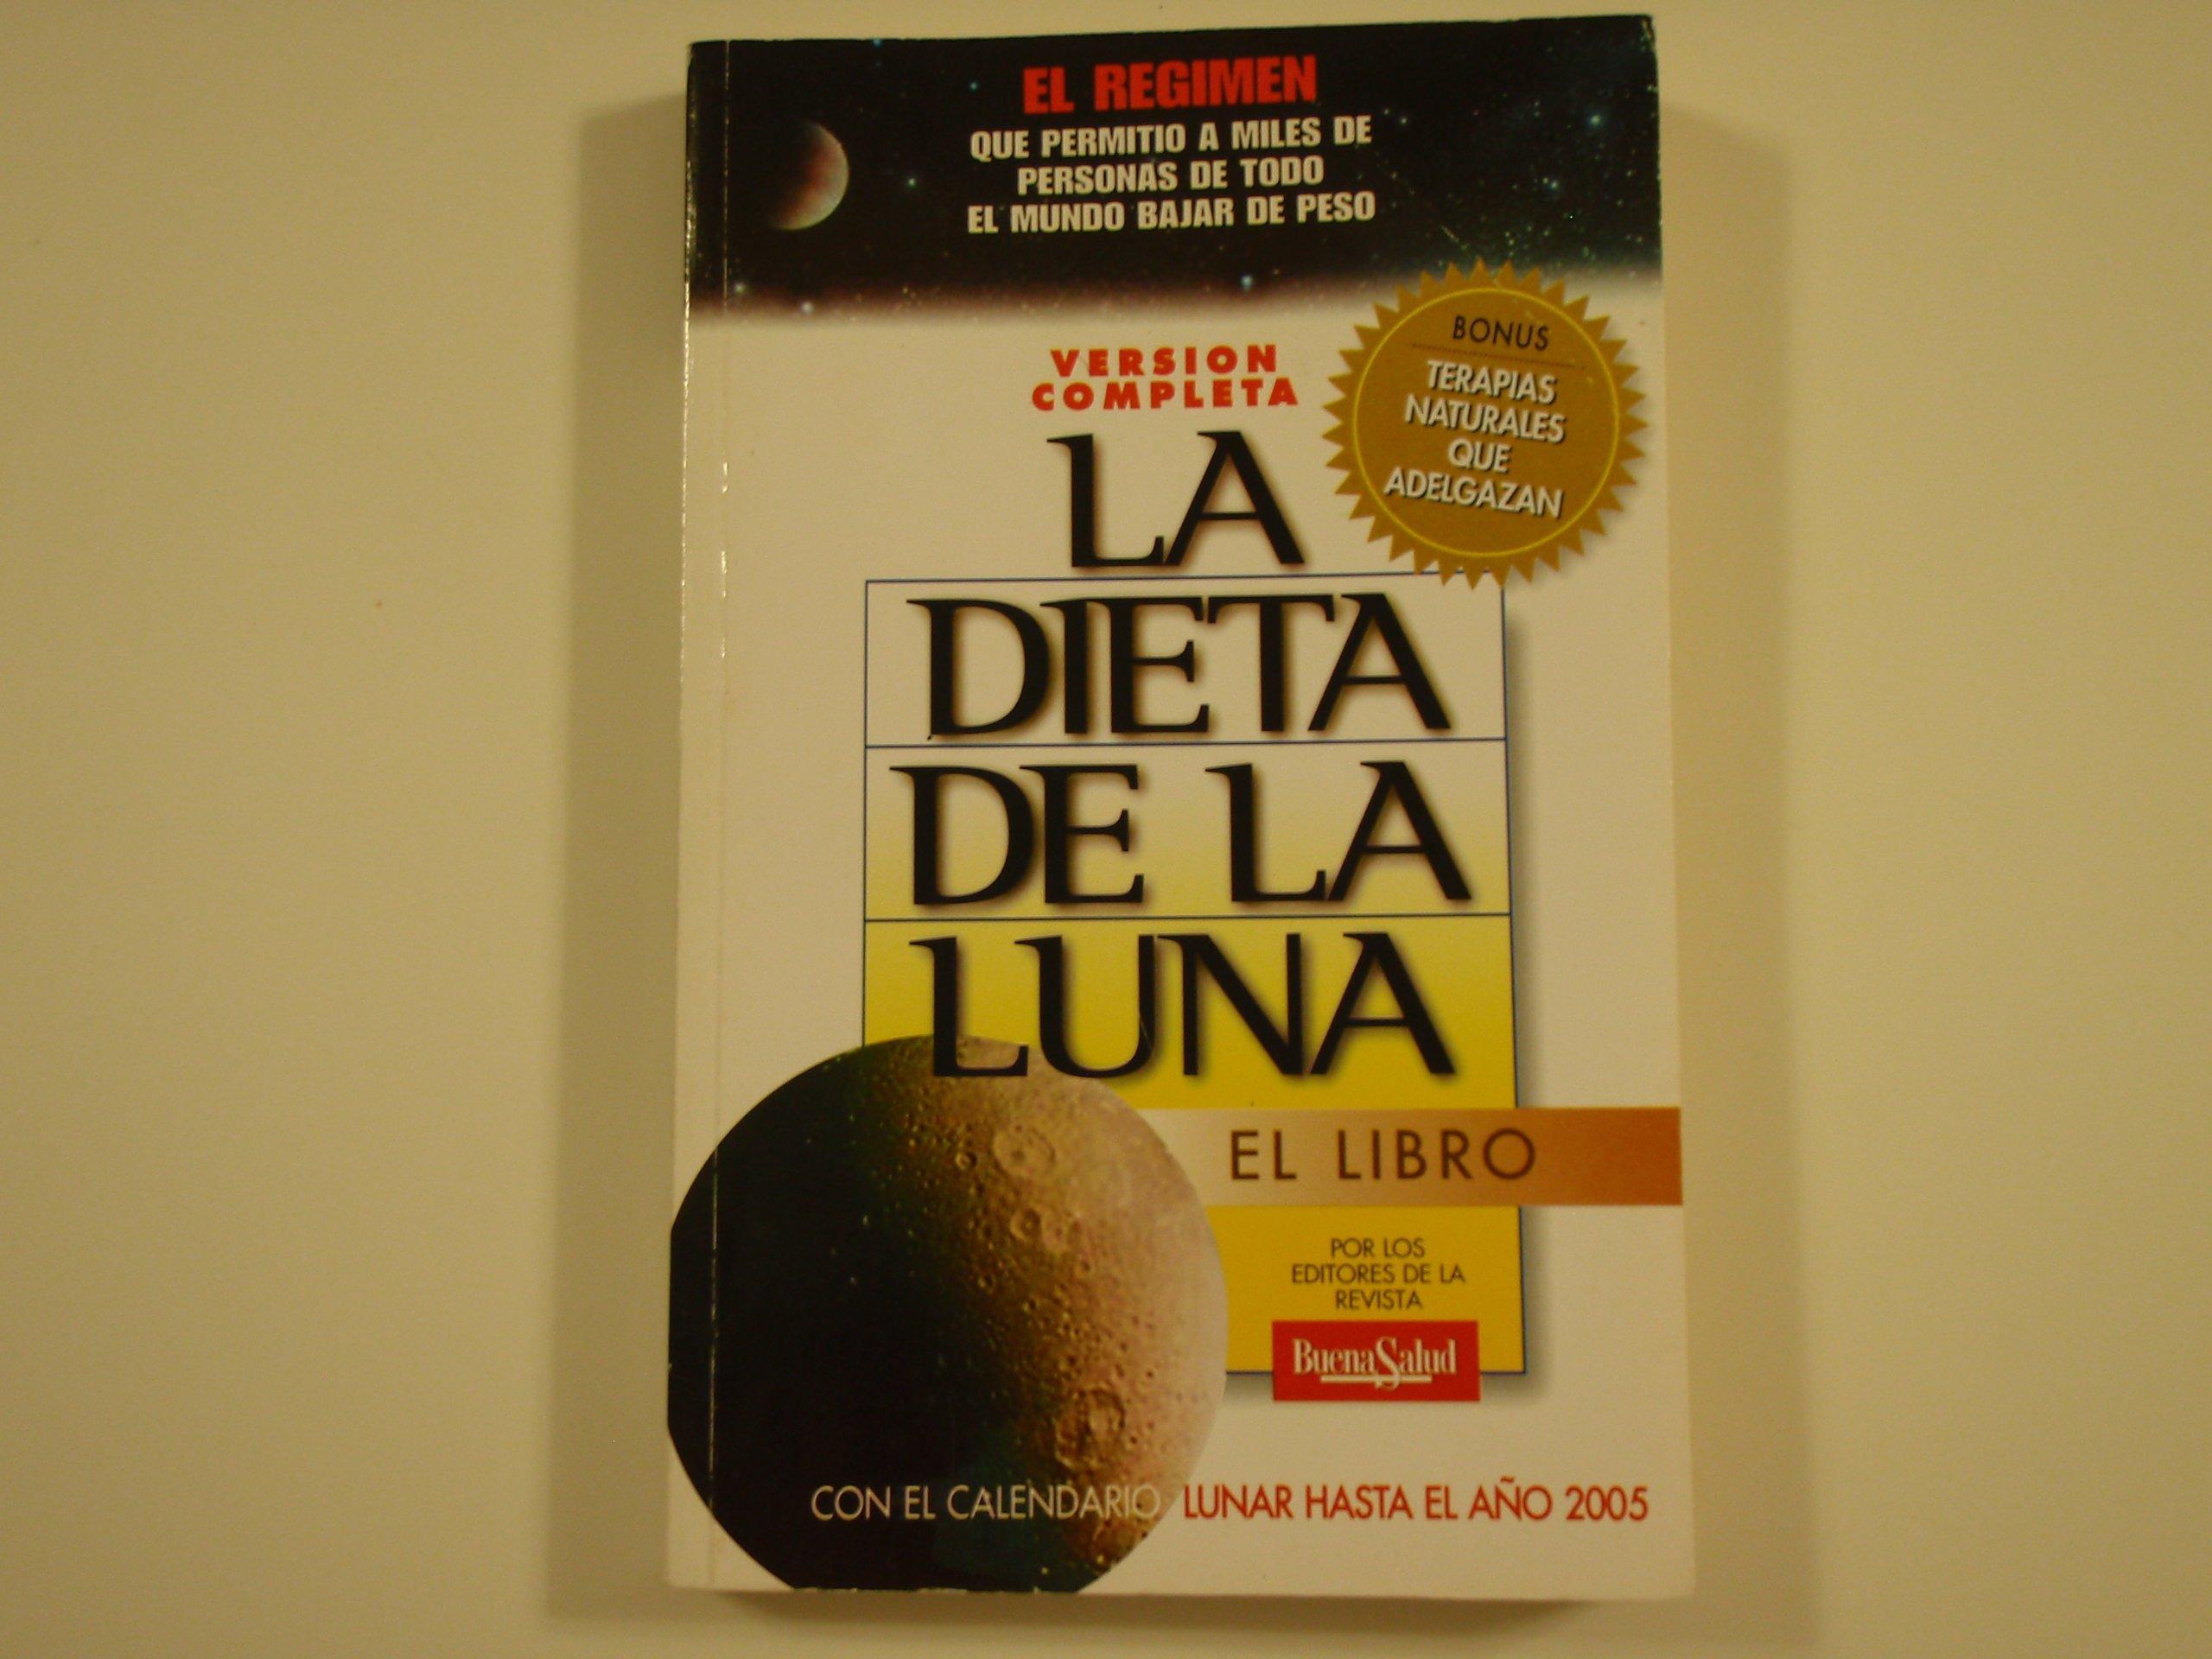 Calendario Lunare 2005.La Dieta De La Luna Amazon Co Uk Oscar Eduardo Blotta